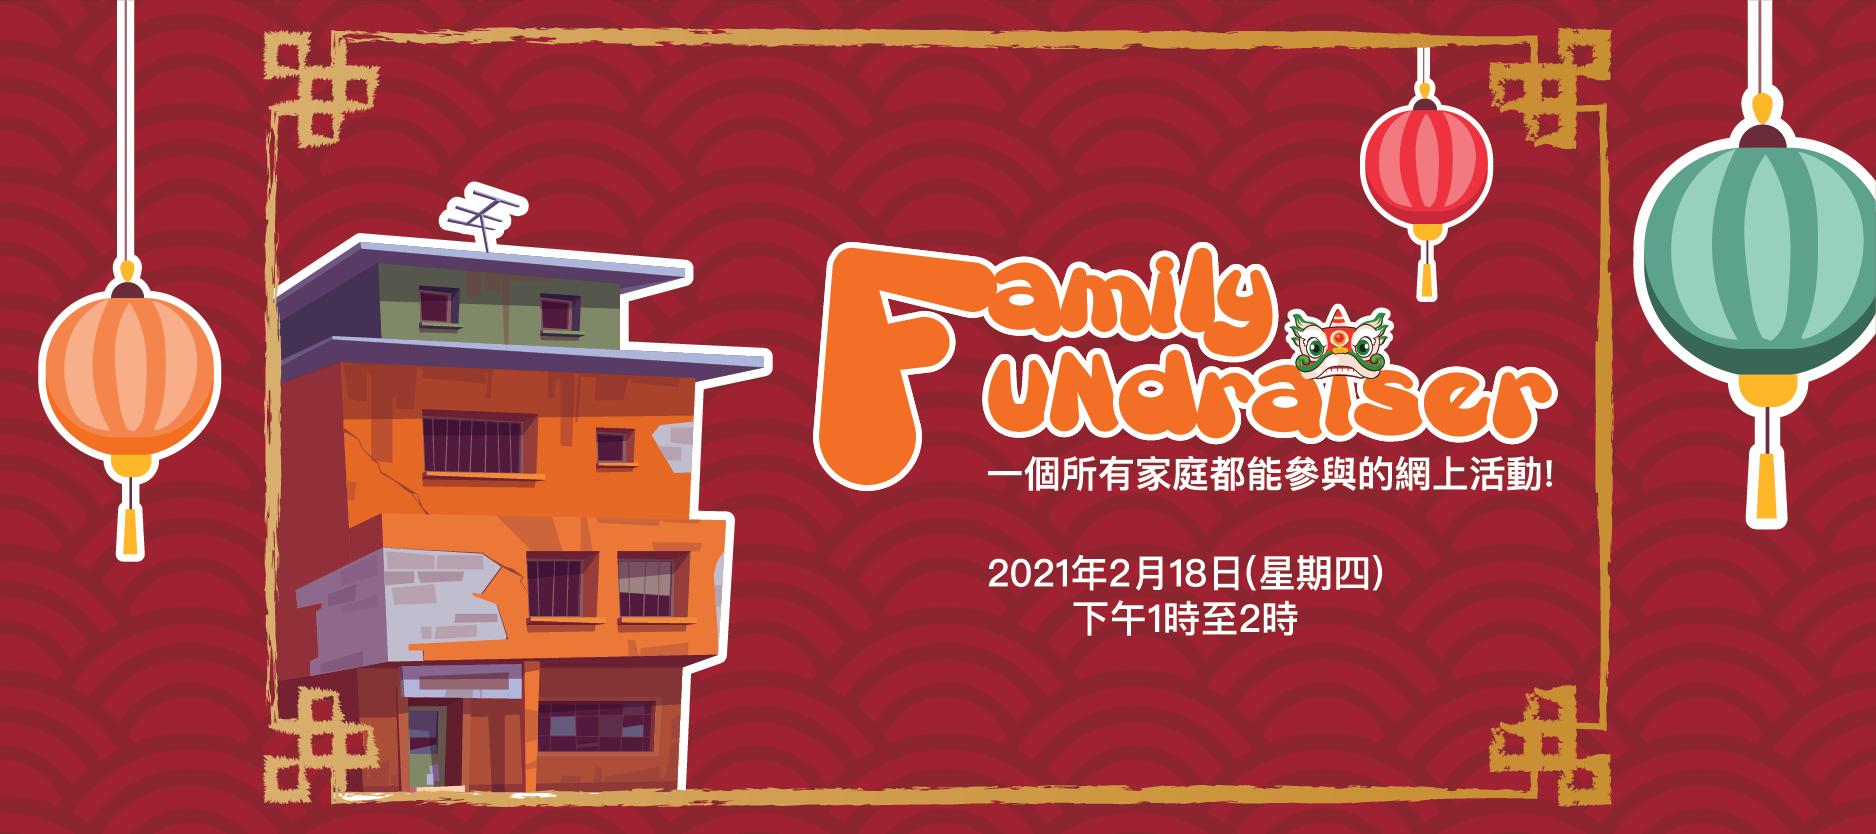 一個所有家庭都能參與的網上活動!